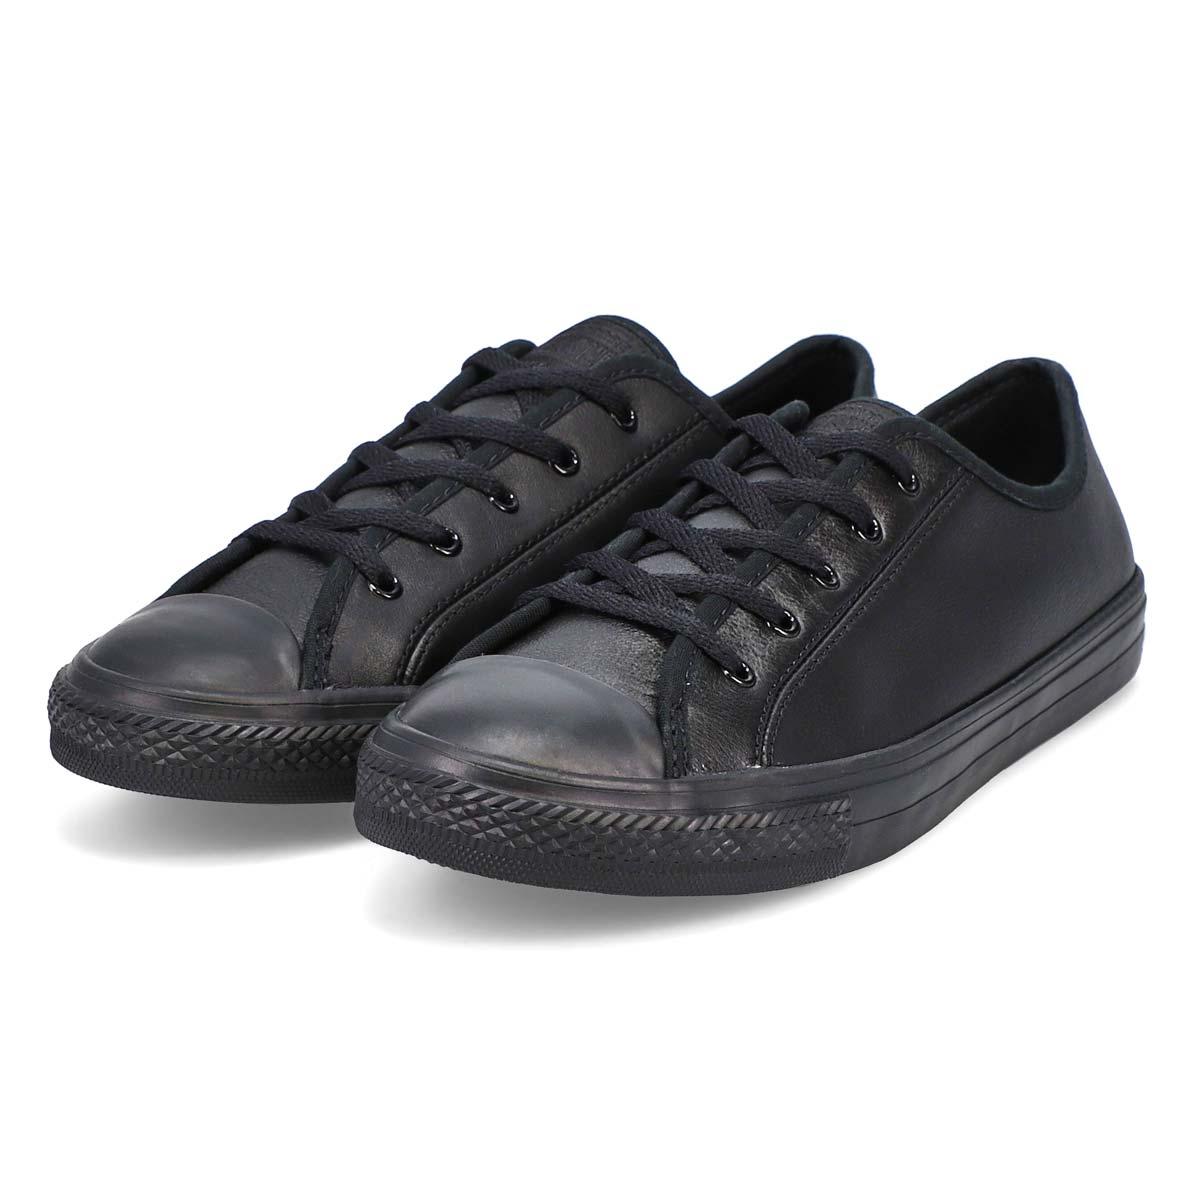 Women's All Star Dainty Basic Sneaker -Black/Black